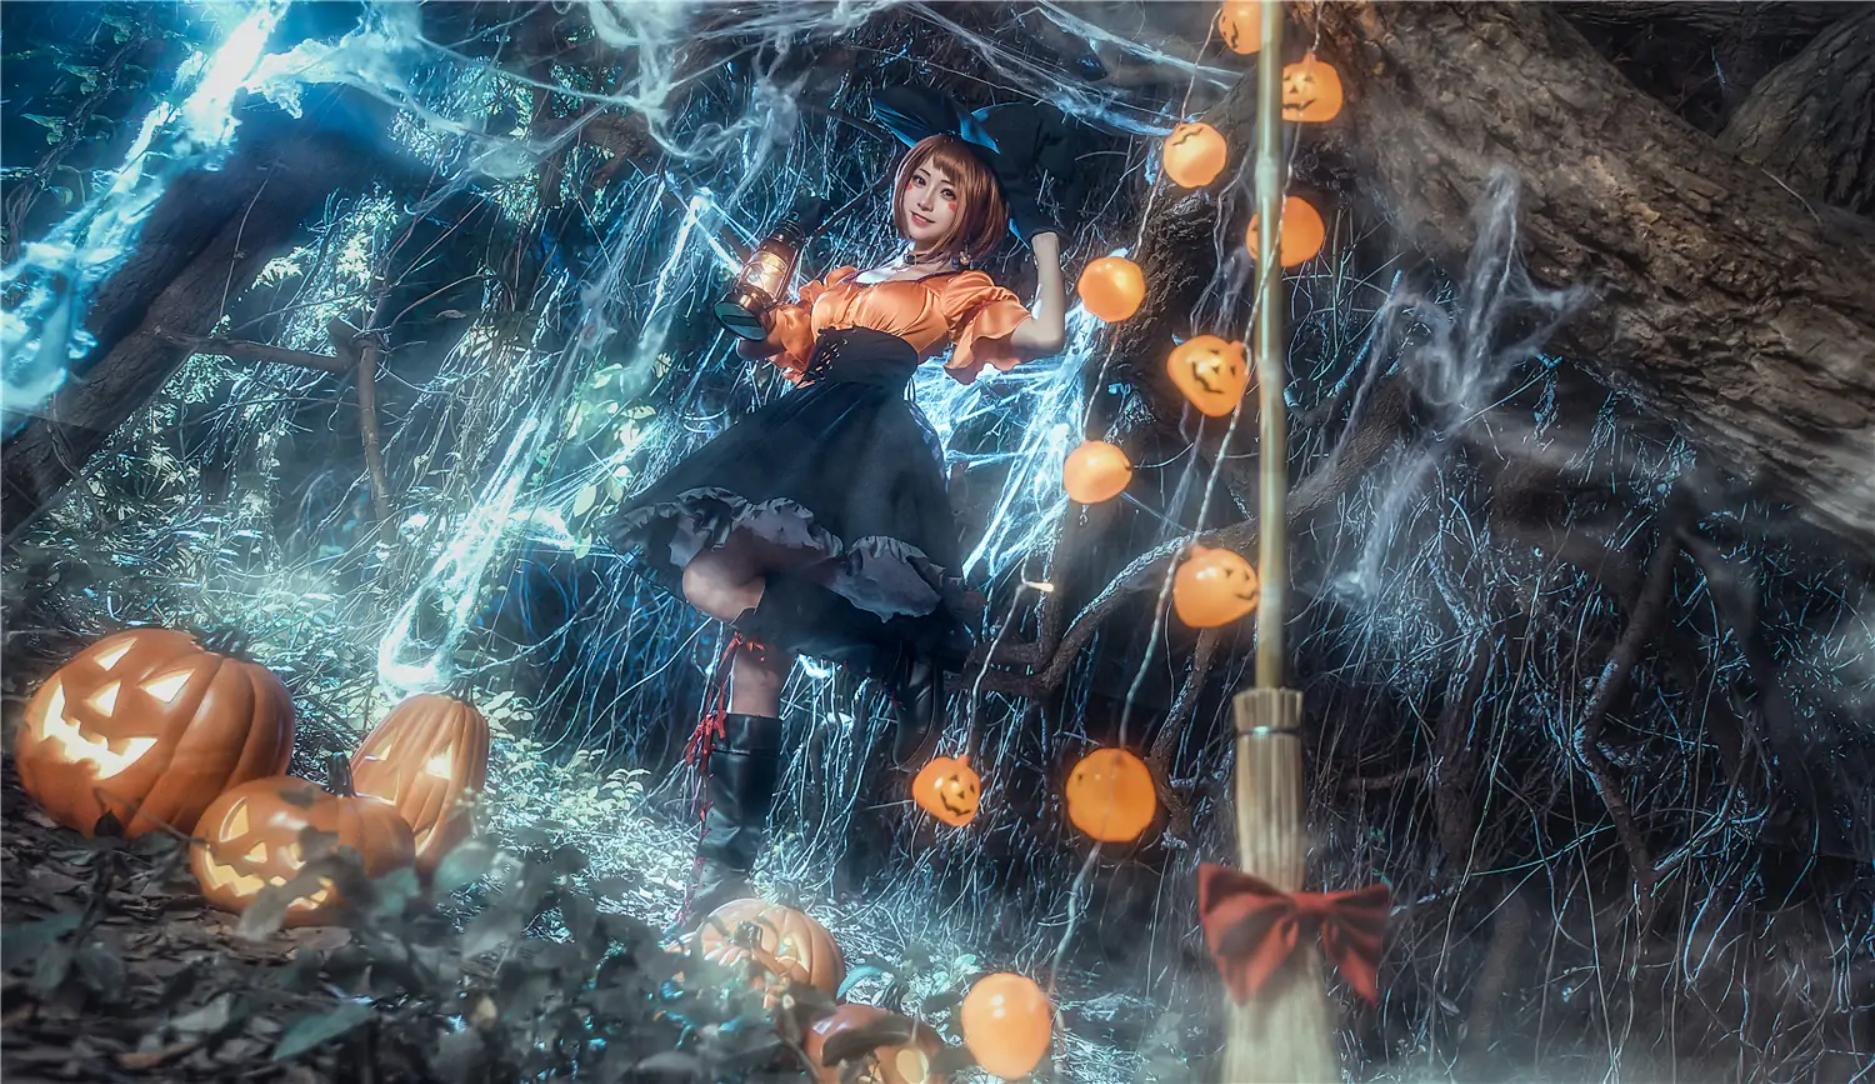 无需下载在线欣赏COS妹子的作品网盘分享-刀鱼资源网 - 技术教程资源整合网_小刀娱乐网分享-第7张图片